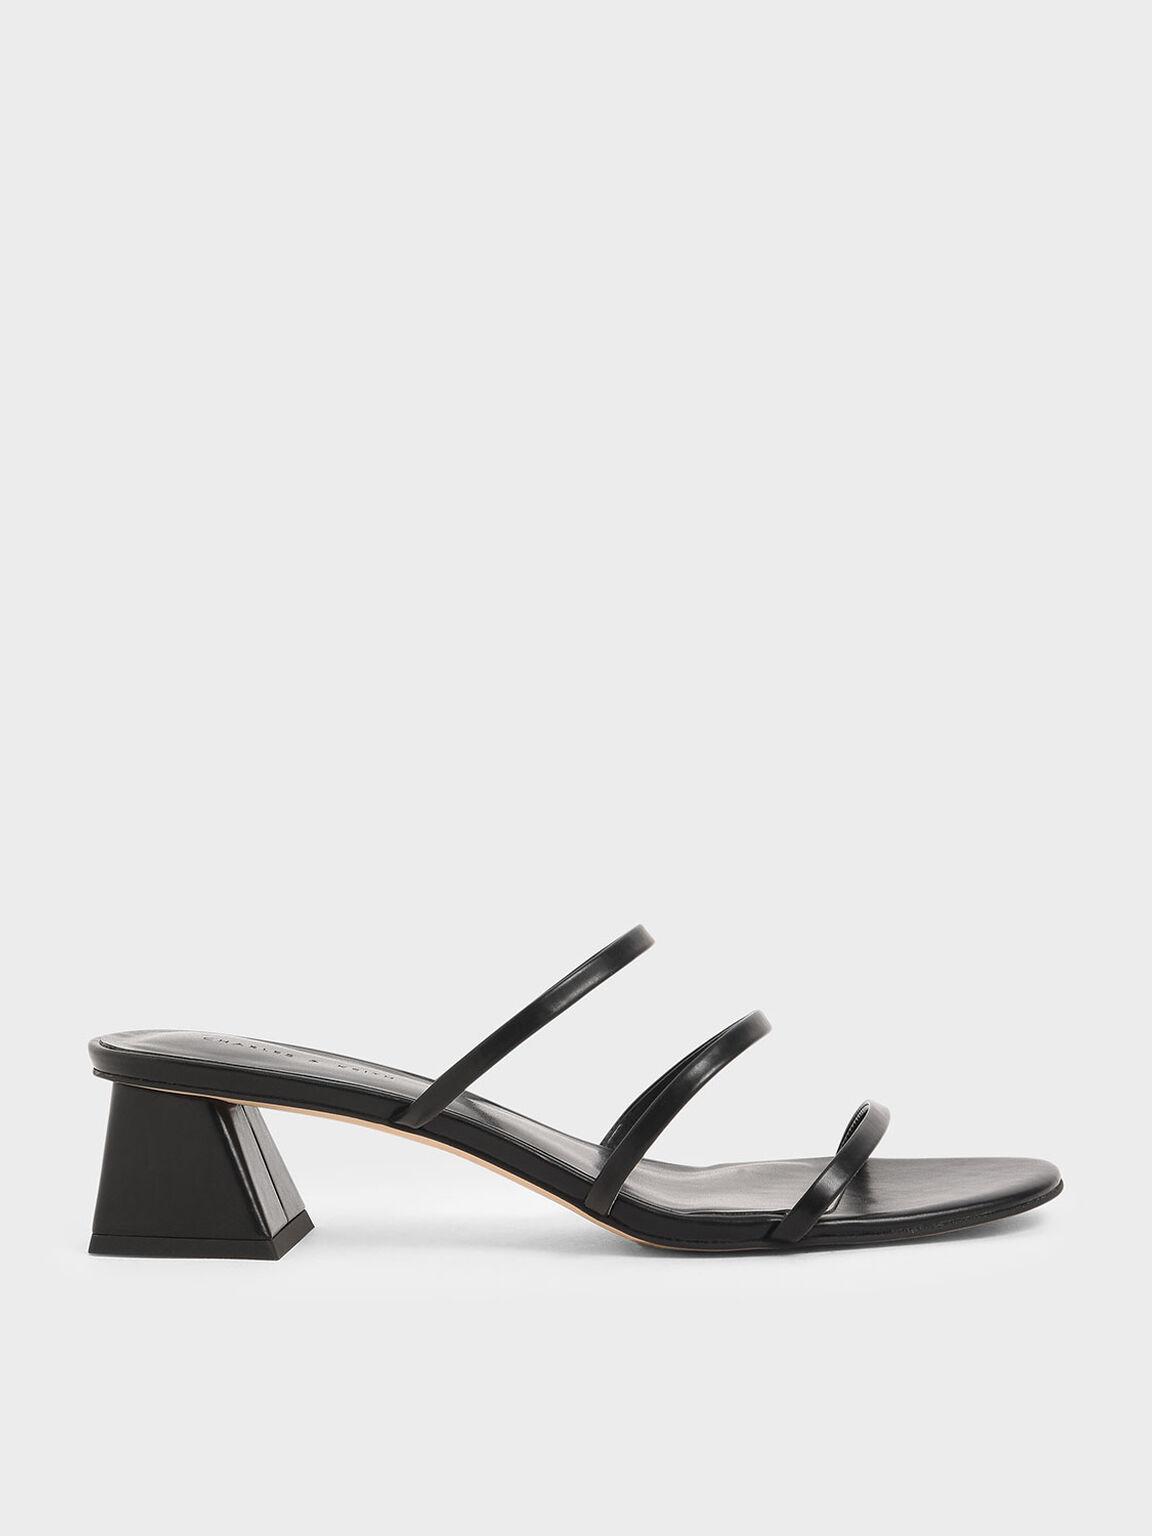 Triple Strap Slide Sandals, Black, hi-res